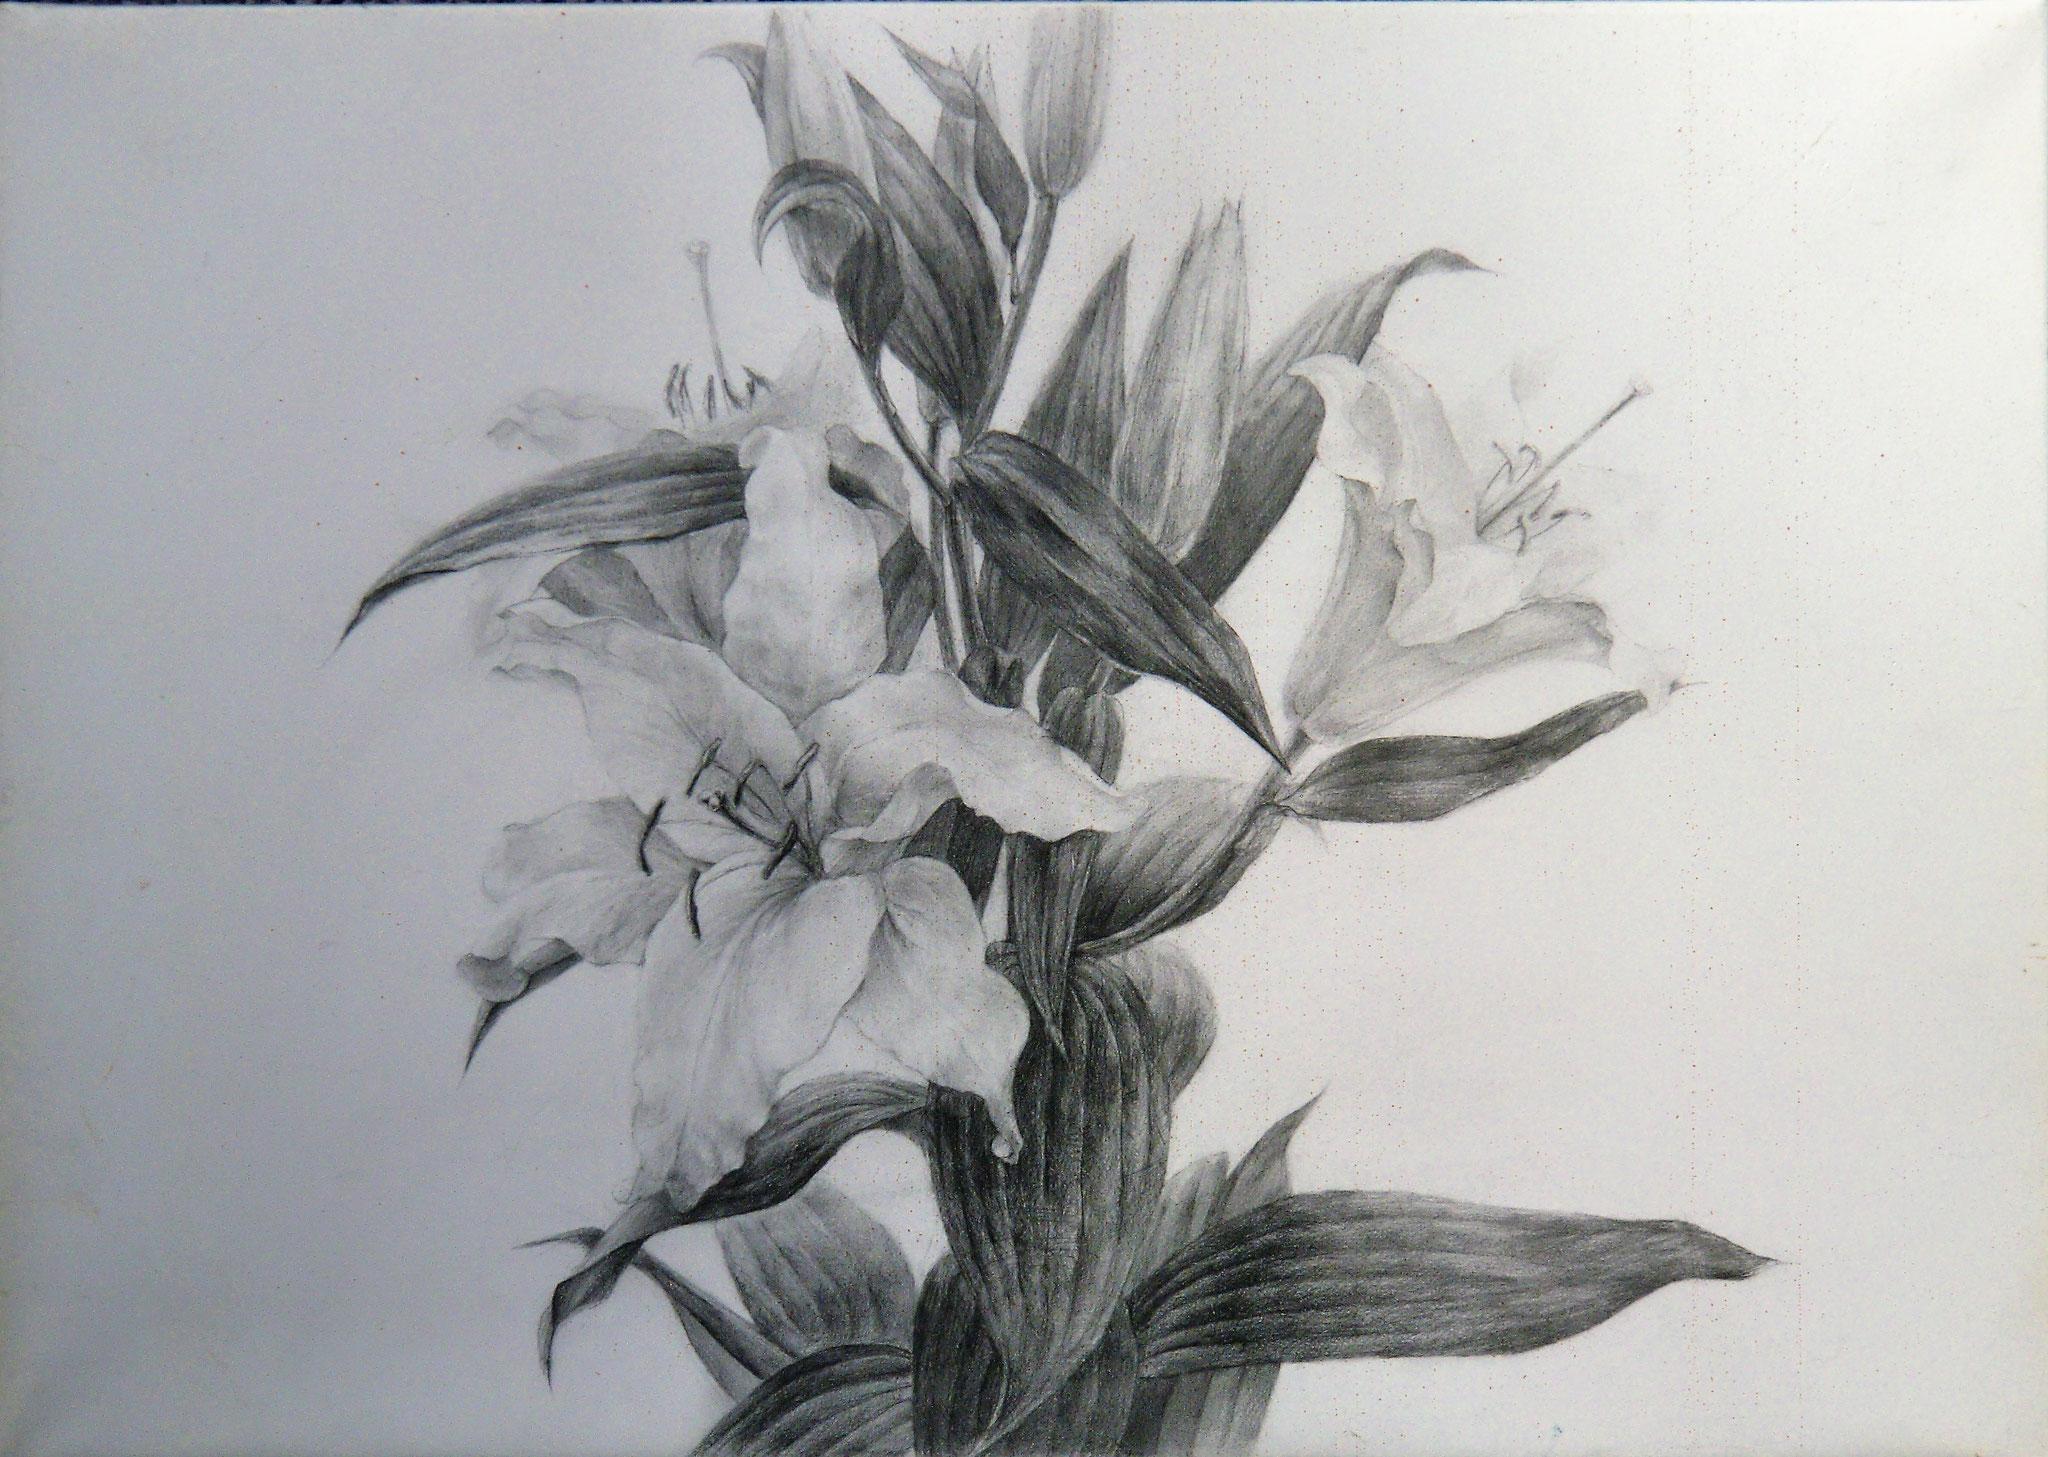 生徒作品49 鉛筆デッサン<植物> B3判 TMKポスター紙 【油画系】